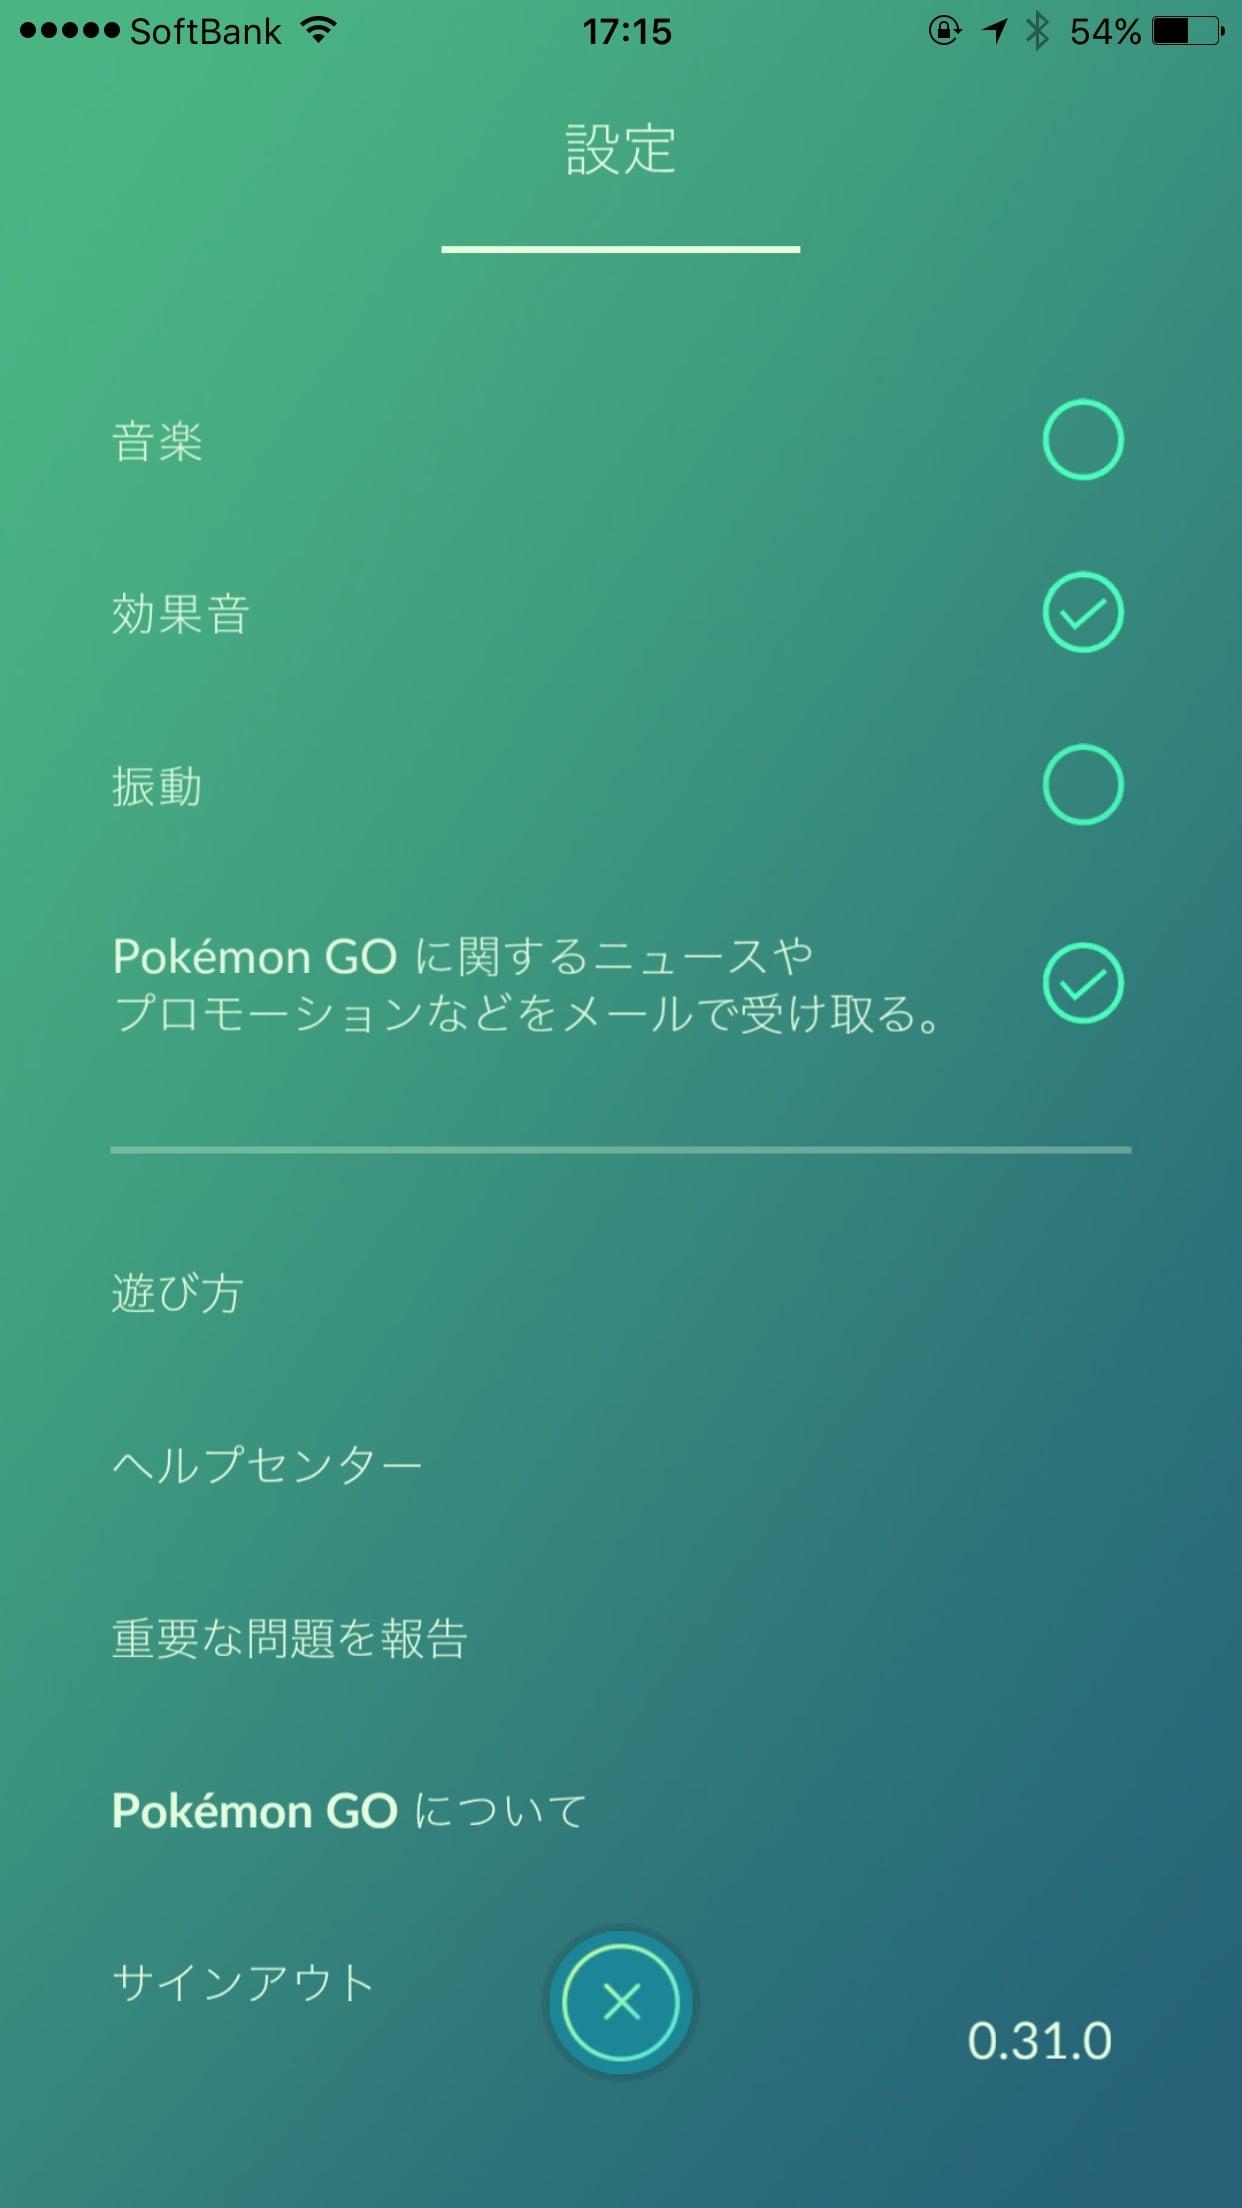 Pokemongo update 03